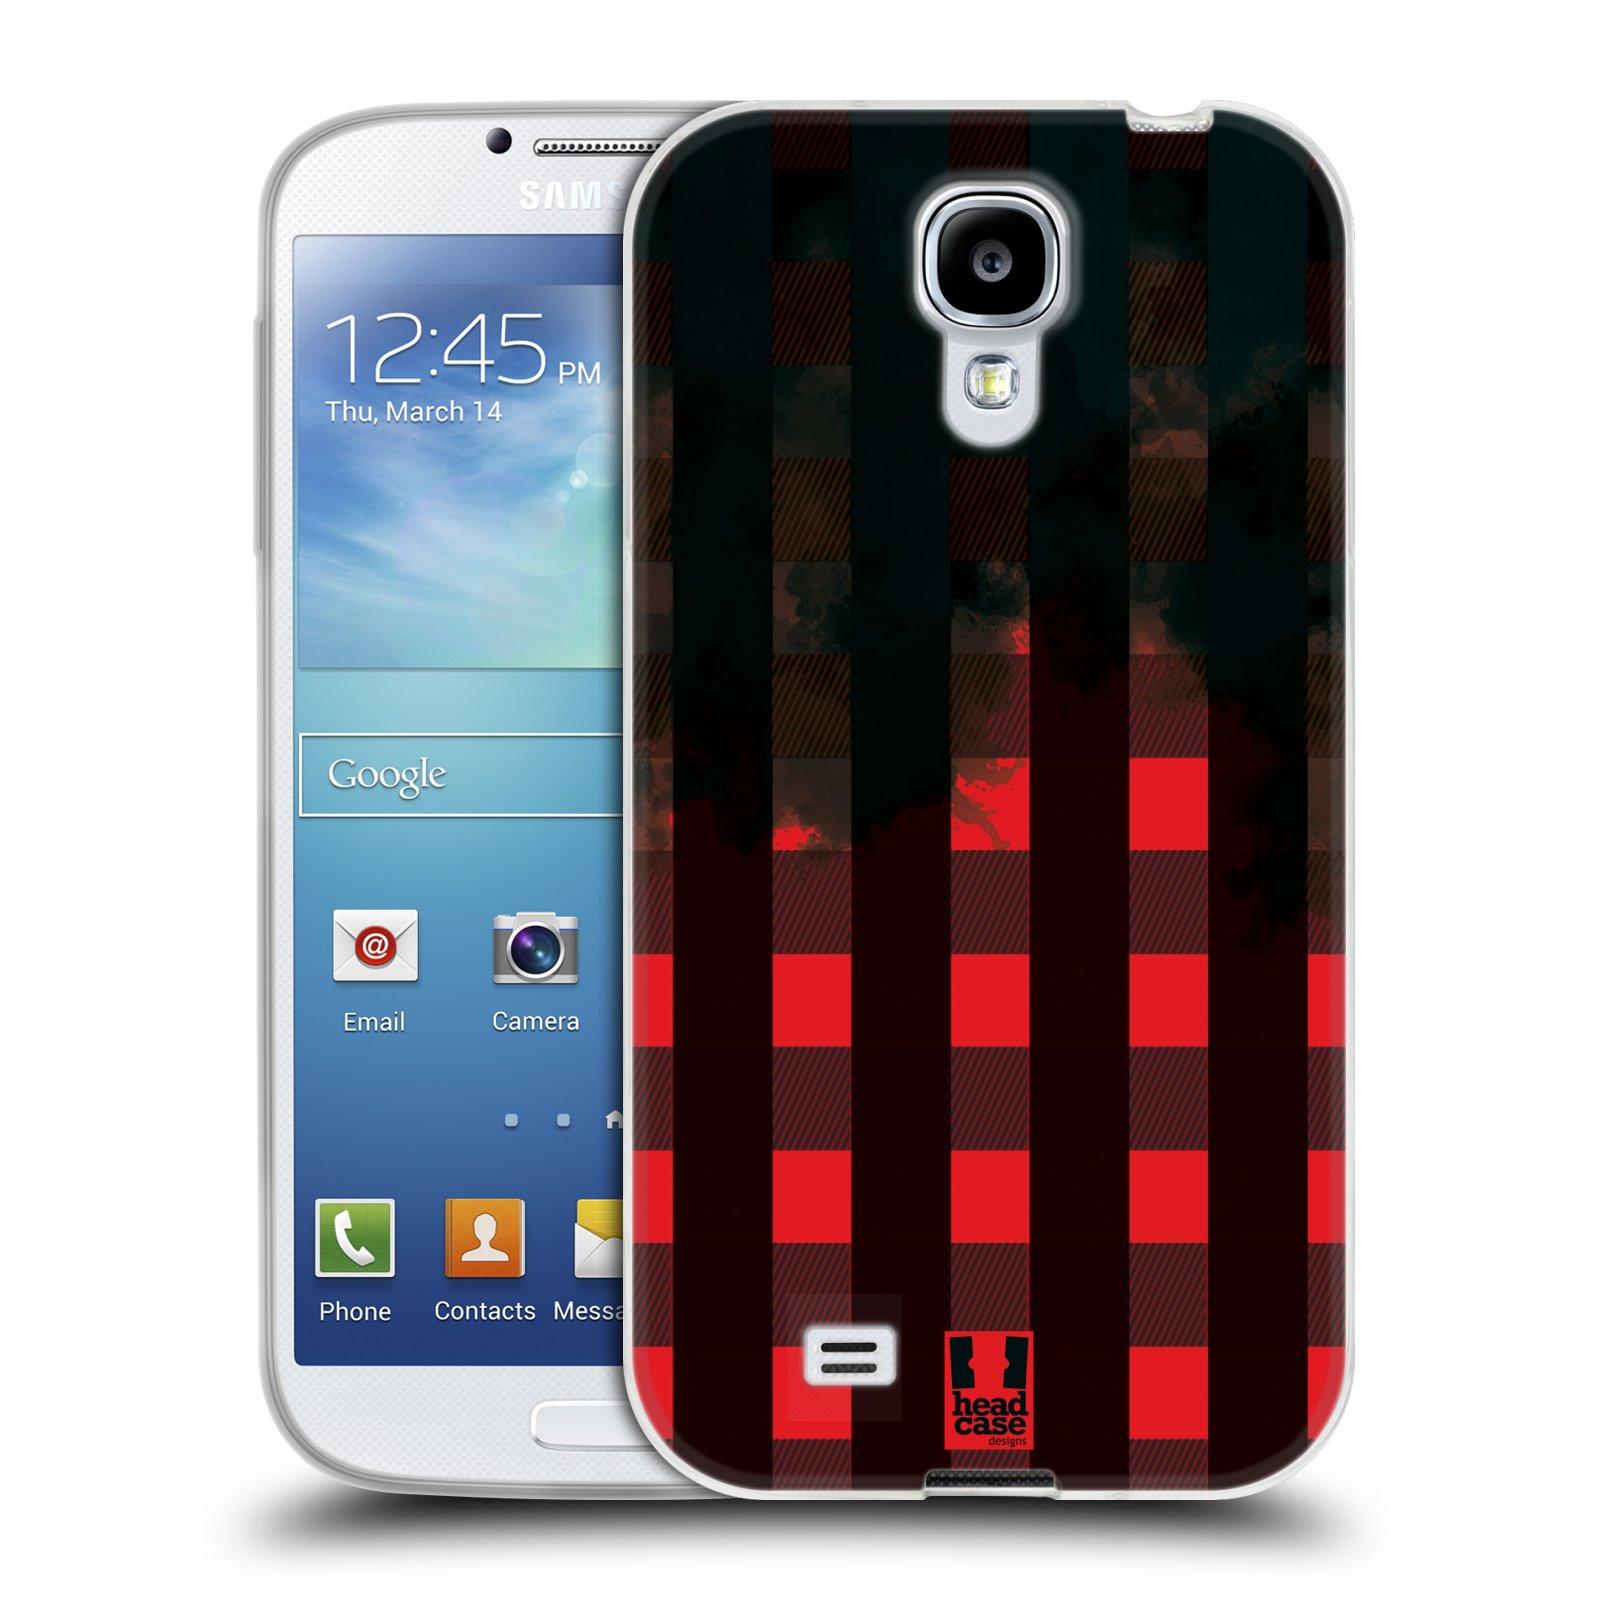 Silikonové pouzdro na mobil Samsung Galaxy S4 HEAD CASE FLANEL RED BLACK (Silikonový kryt či obal na mobilní telefon Samsung Galaxy S4 GT-i9505 / i9500)